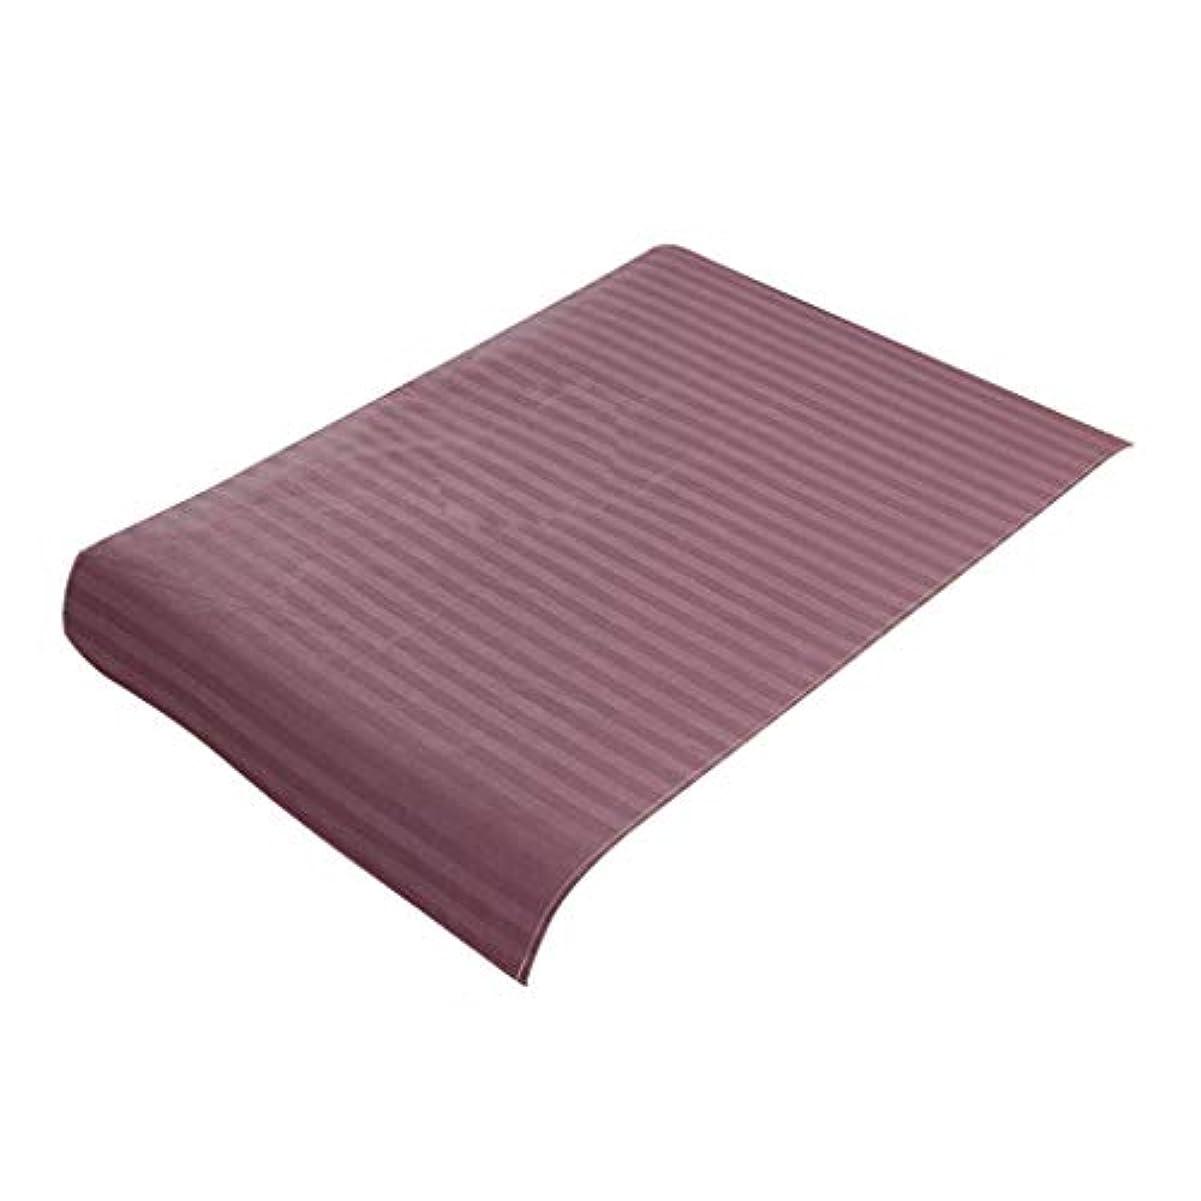 ハブブつまらない反対に美容ベッドカバー マッサージ台スカート コットン生地 スパ マッサージベッドカバー 全7色 - 紫